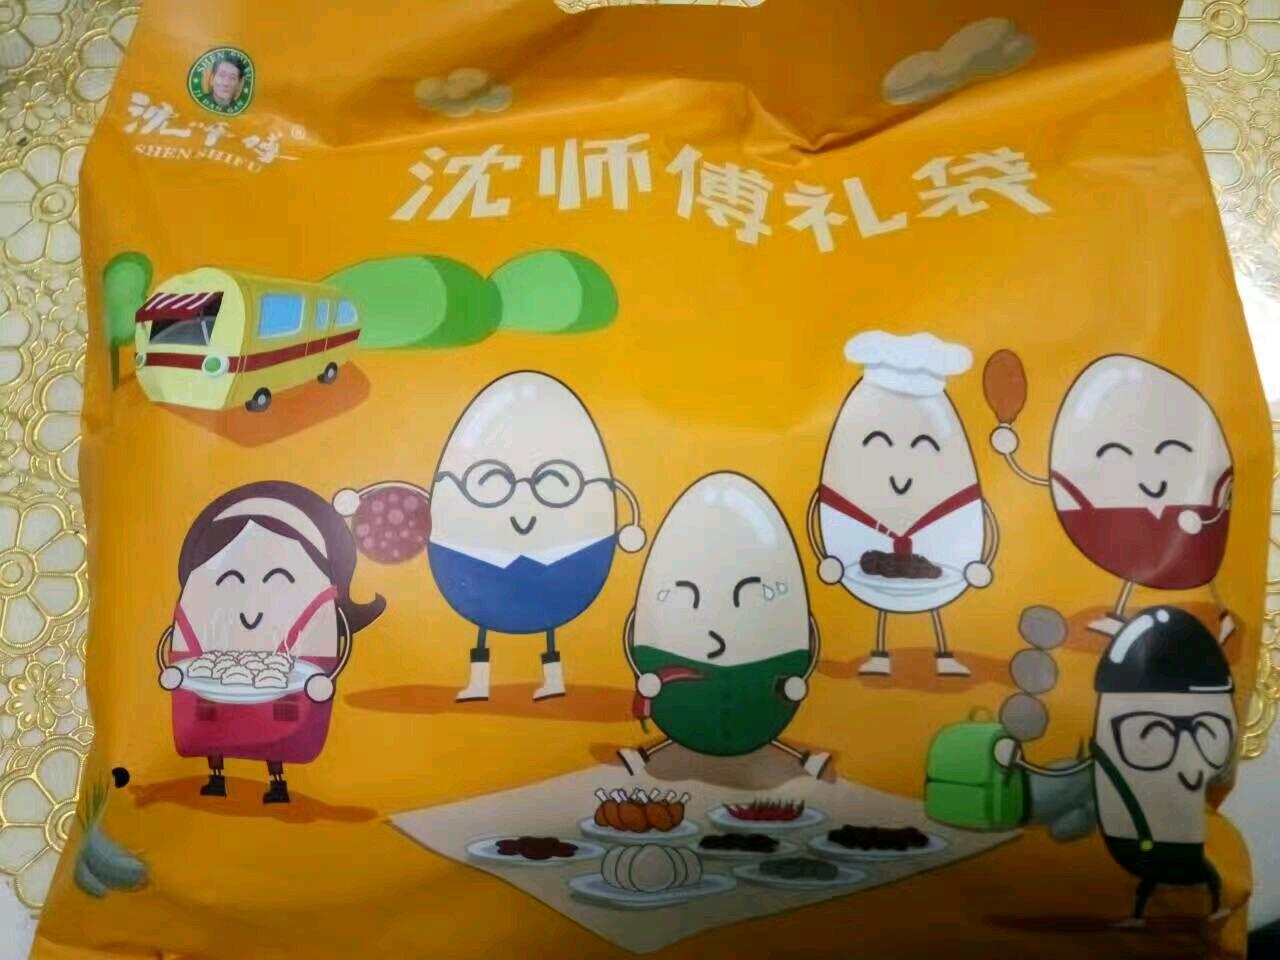 沈师傅神奇鸡蛋干礼包,包装上的蛋宝宝好可爱